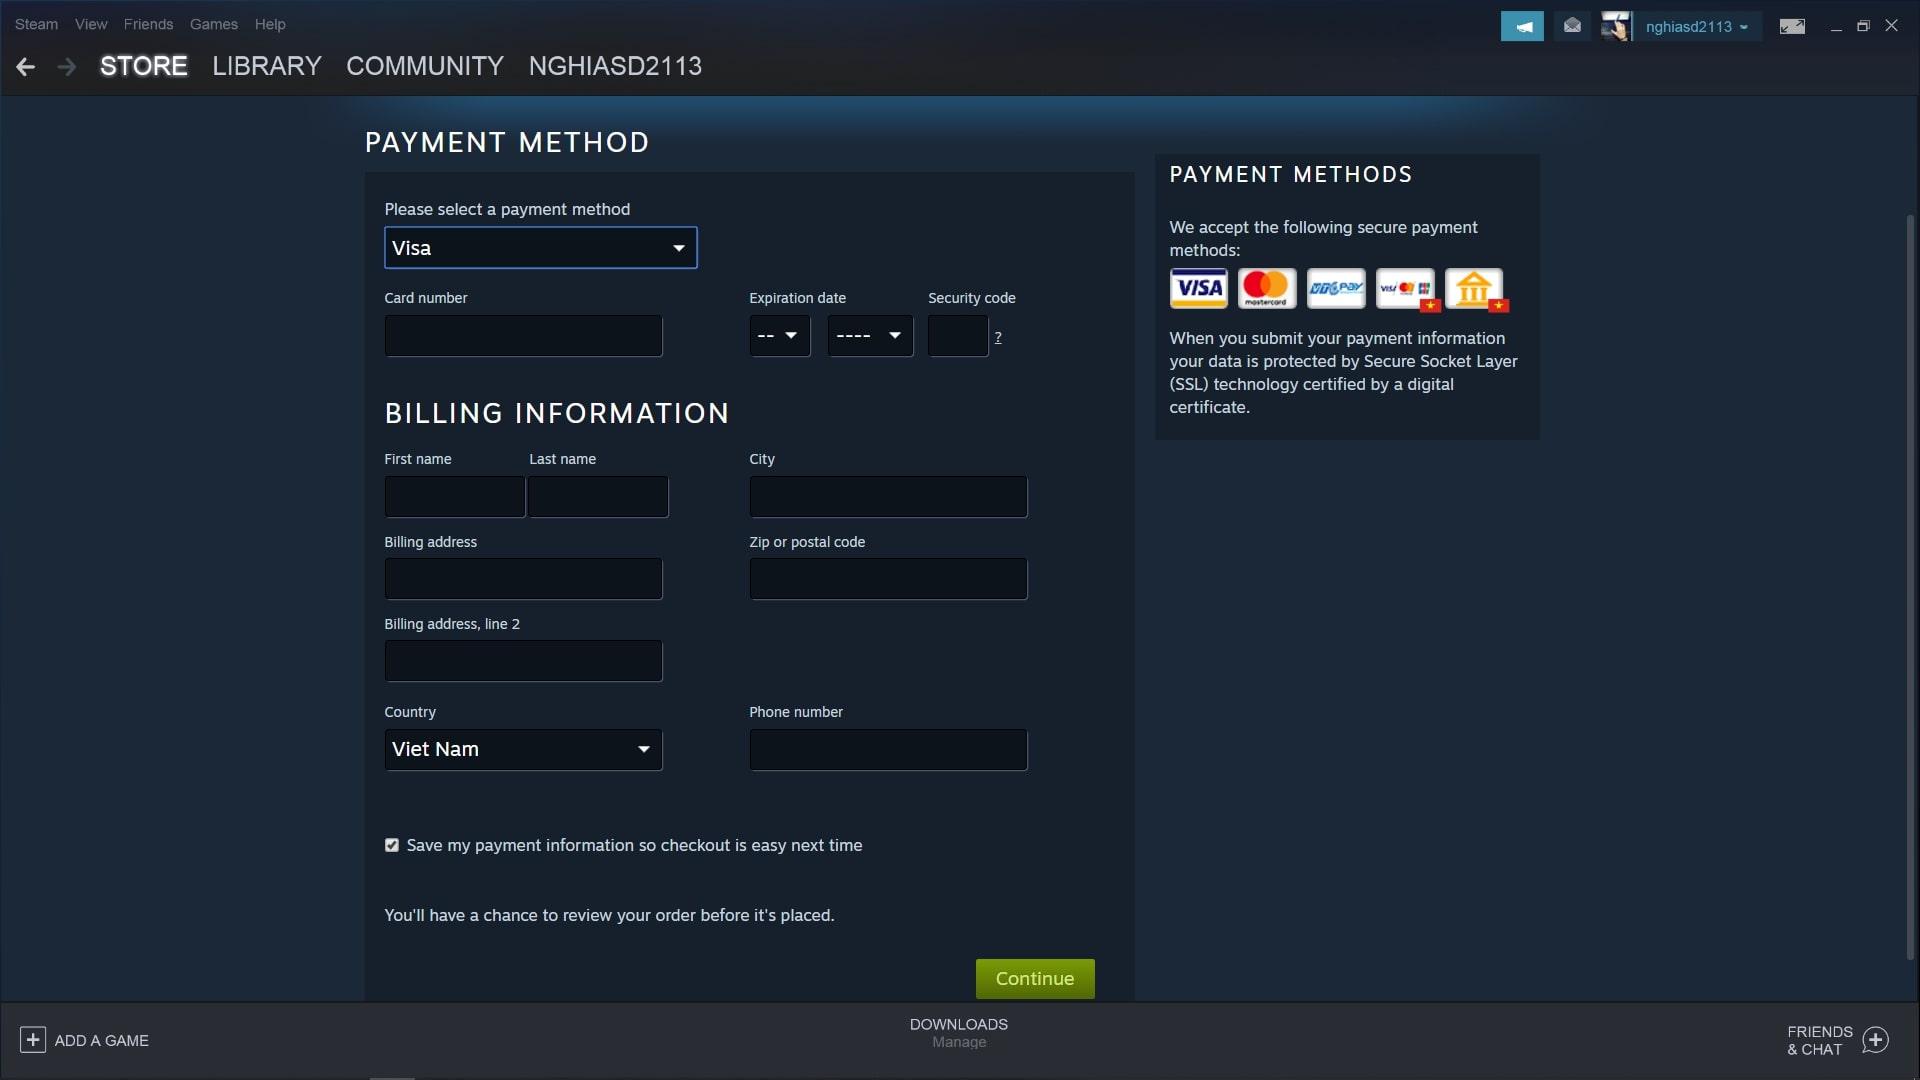 Bước 5: Hoàn thành điền các thông tin để thanh toán game thông qua thẻ Visa của bạn.